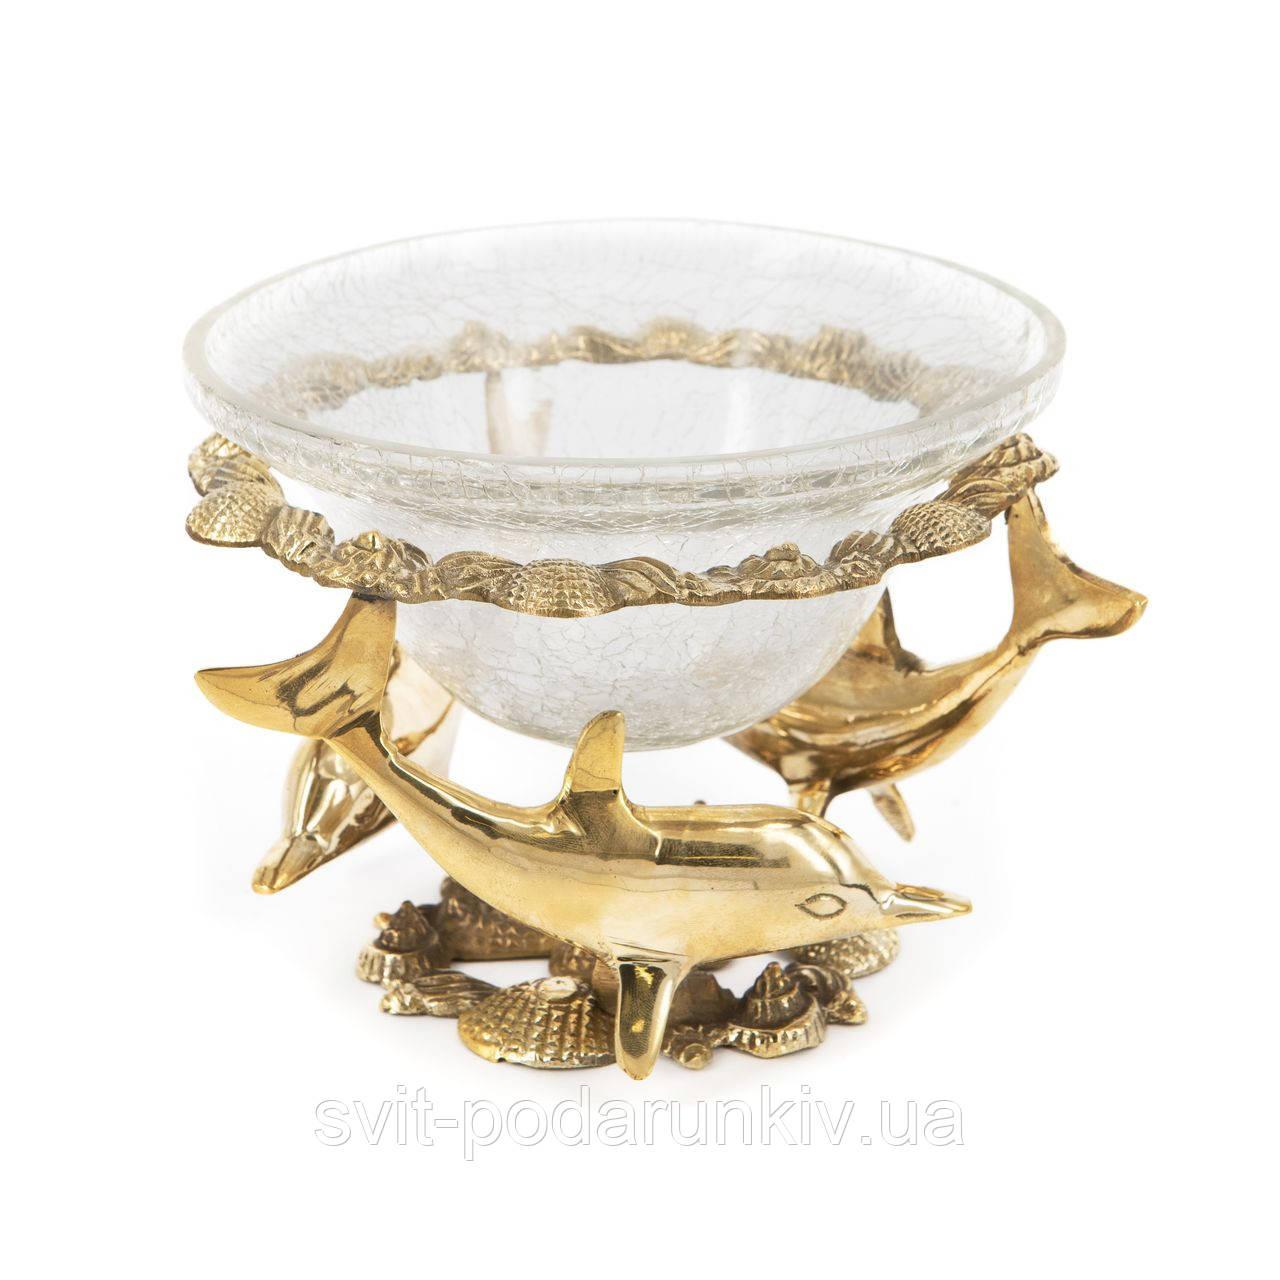 Скляна ваза для цукерок та печива з трьома дельфінами S2354